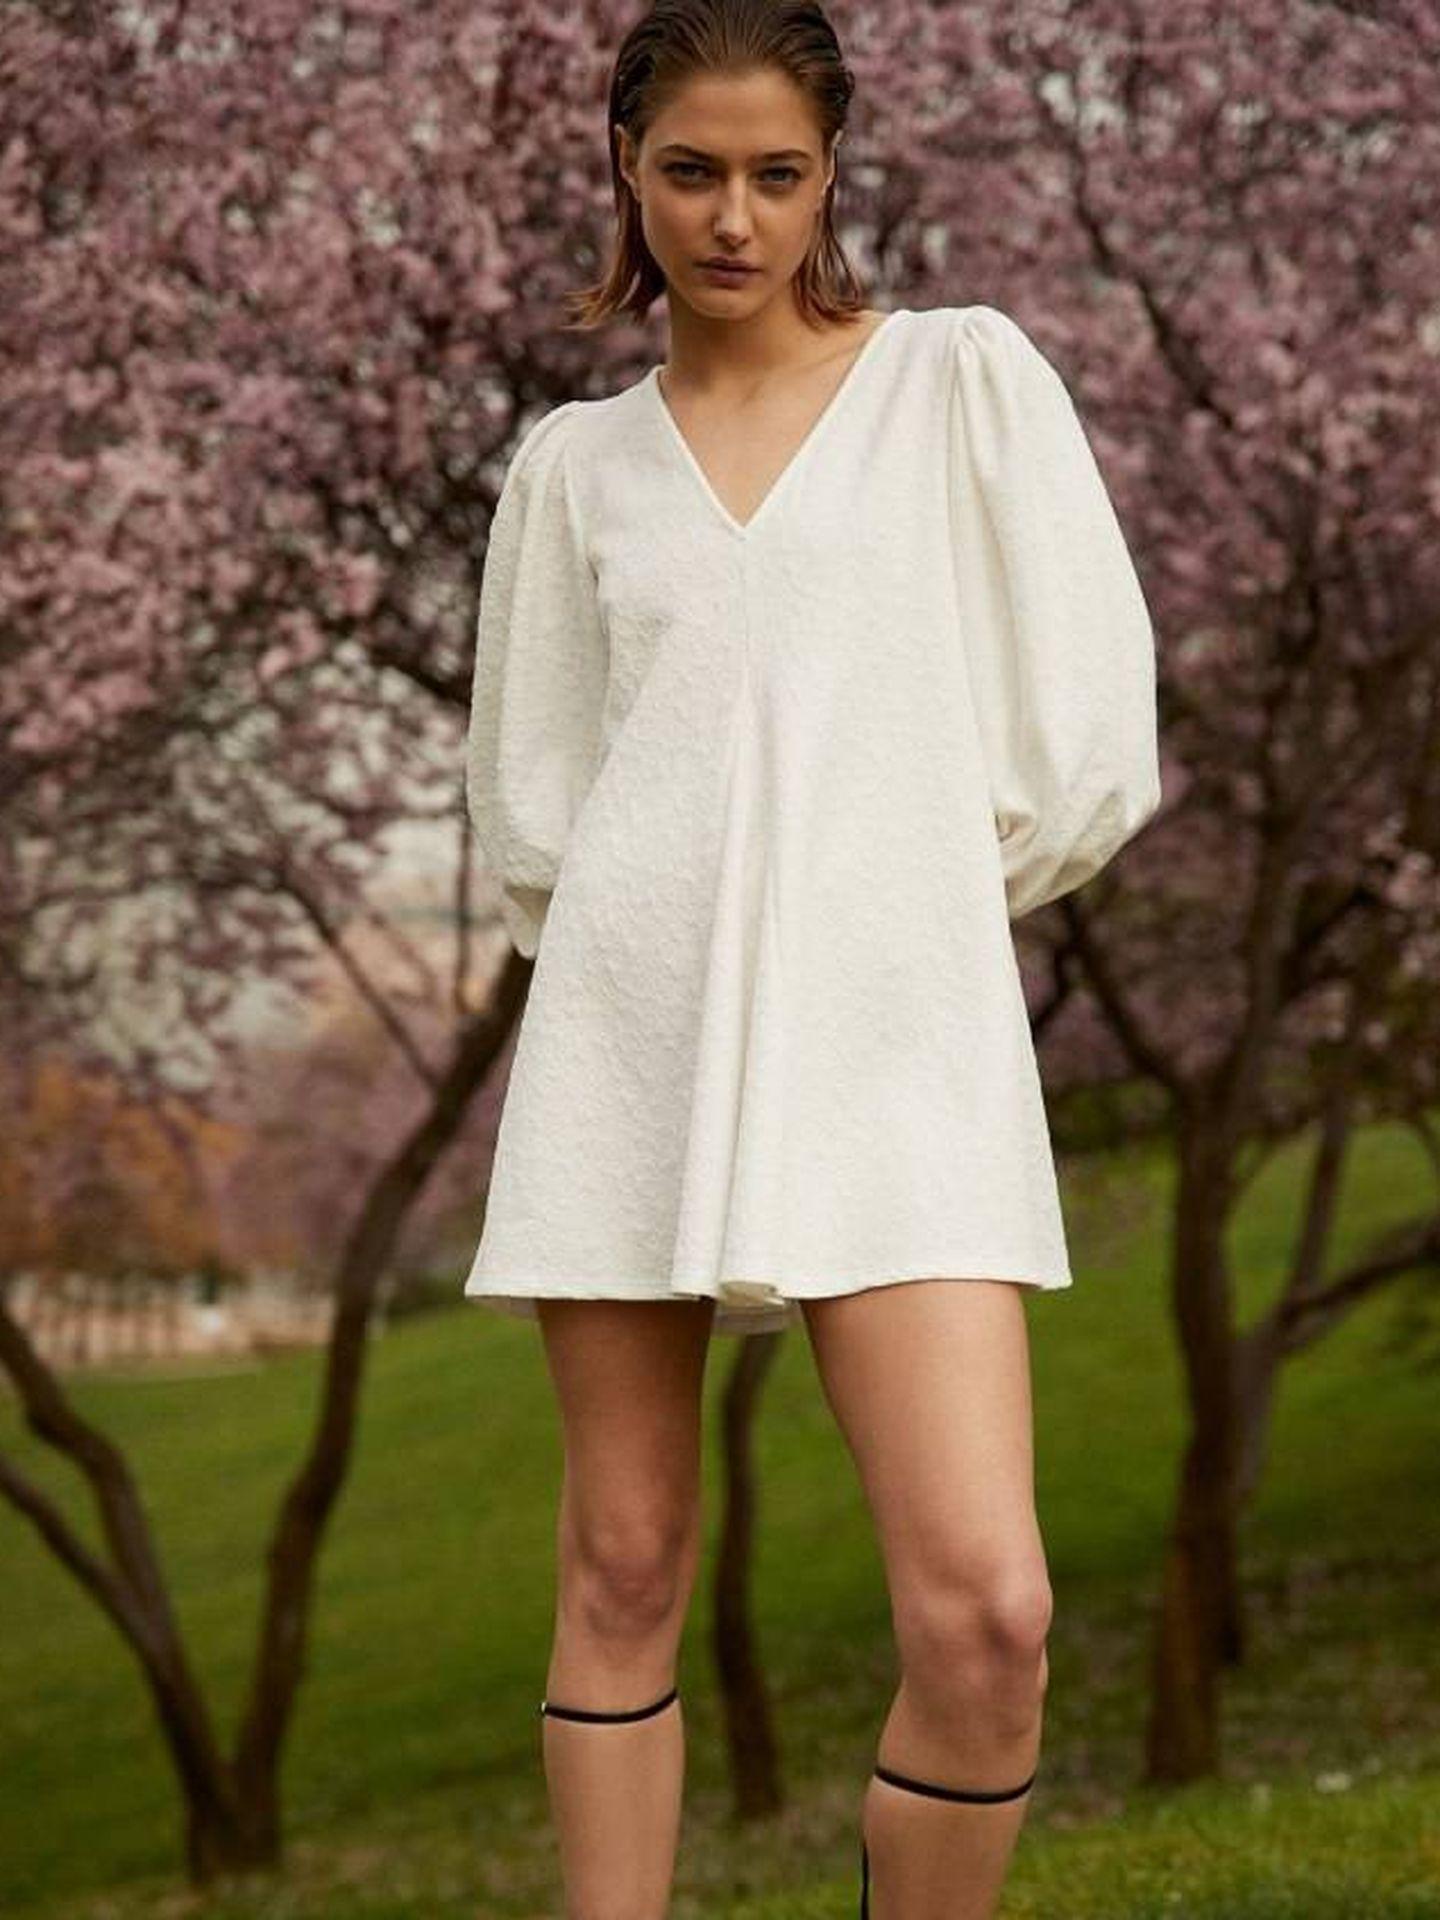 Vestido blanco de Sfera. (Cortesía)